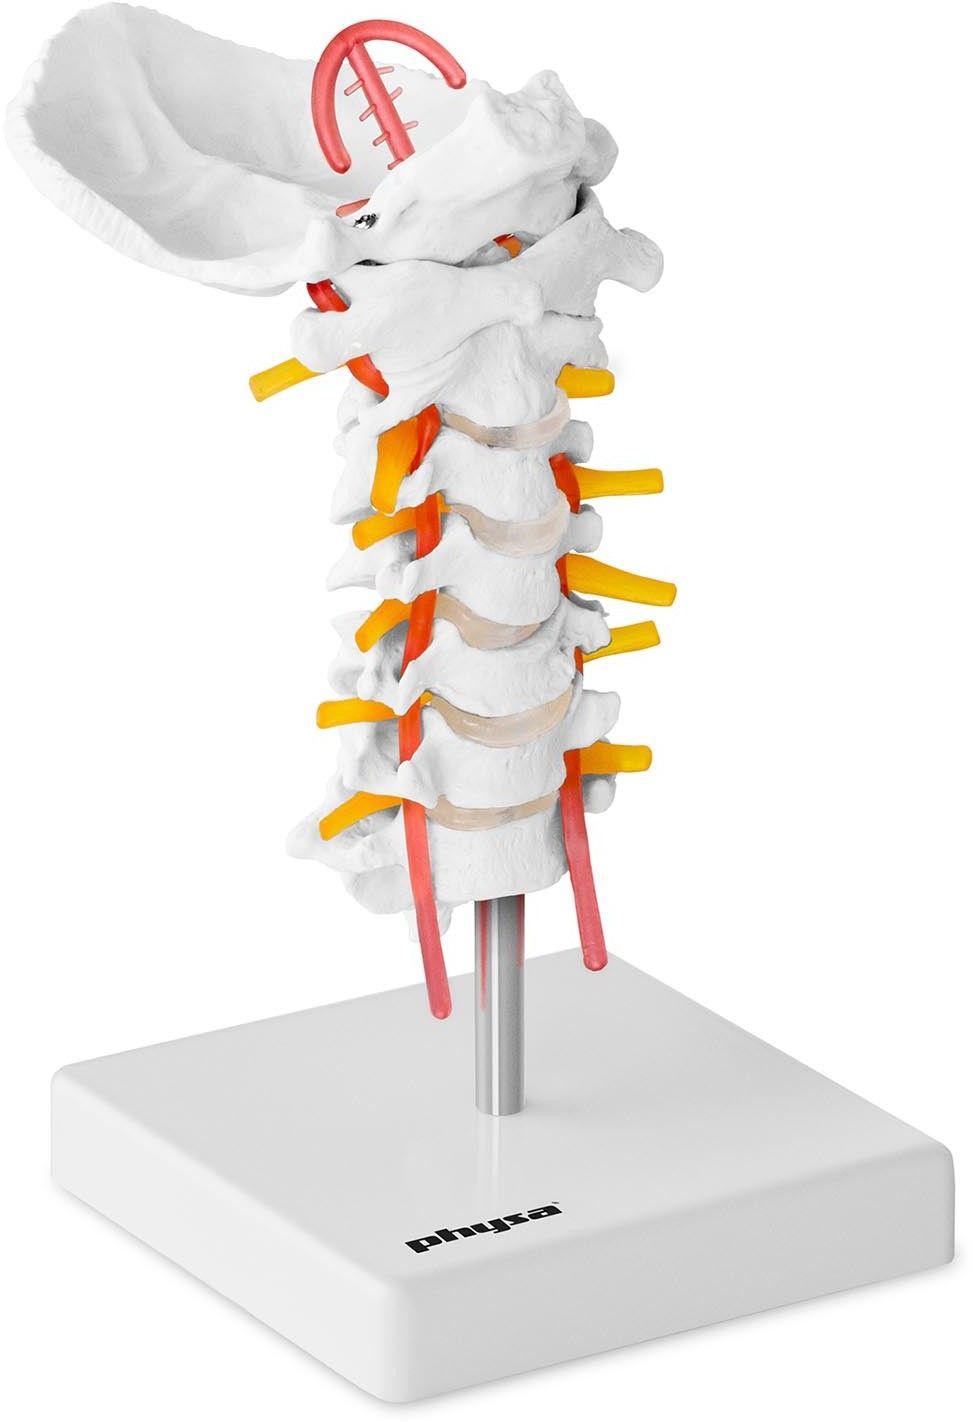 Kręgosłup szyjny - model anatomiczny - physa - PHY-SM-3 - 3 lata gwarancji/wysyłka w 24h